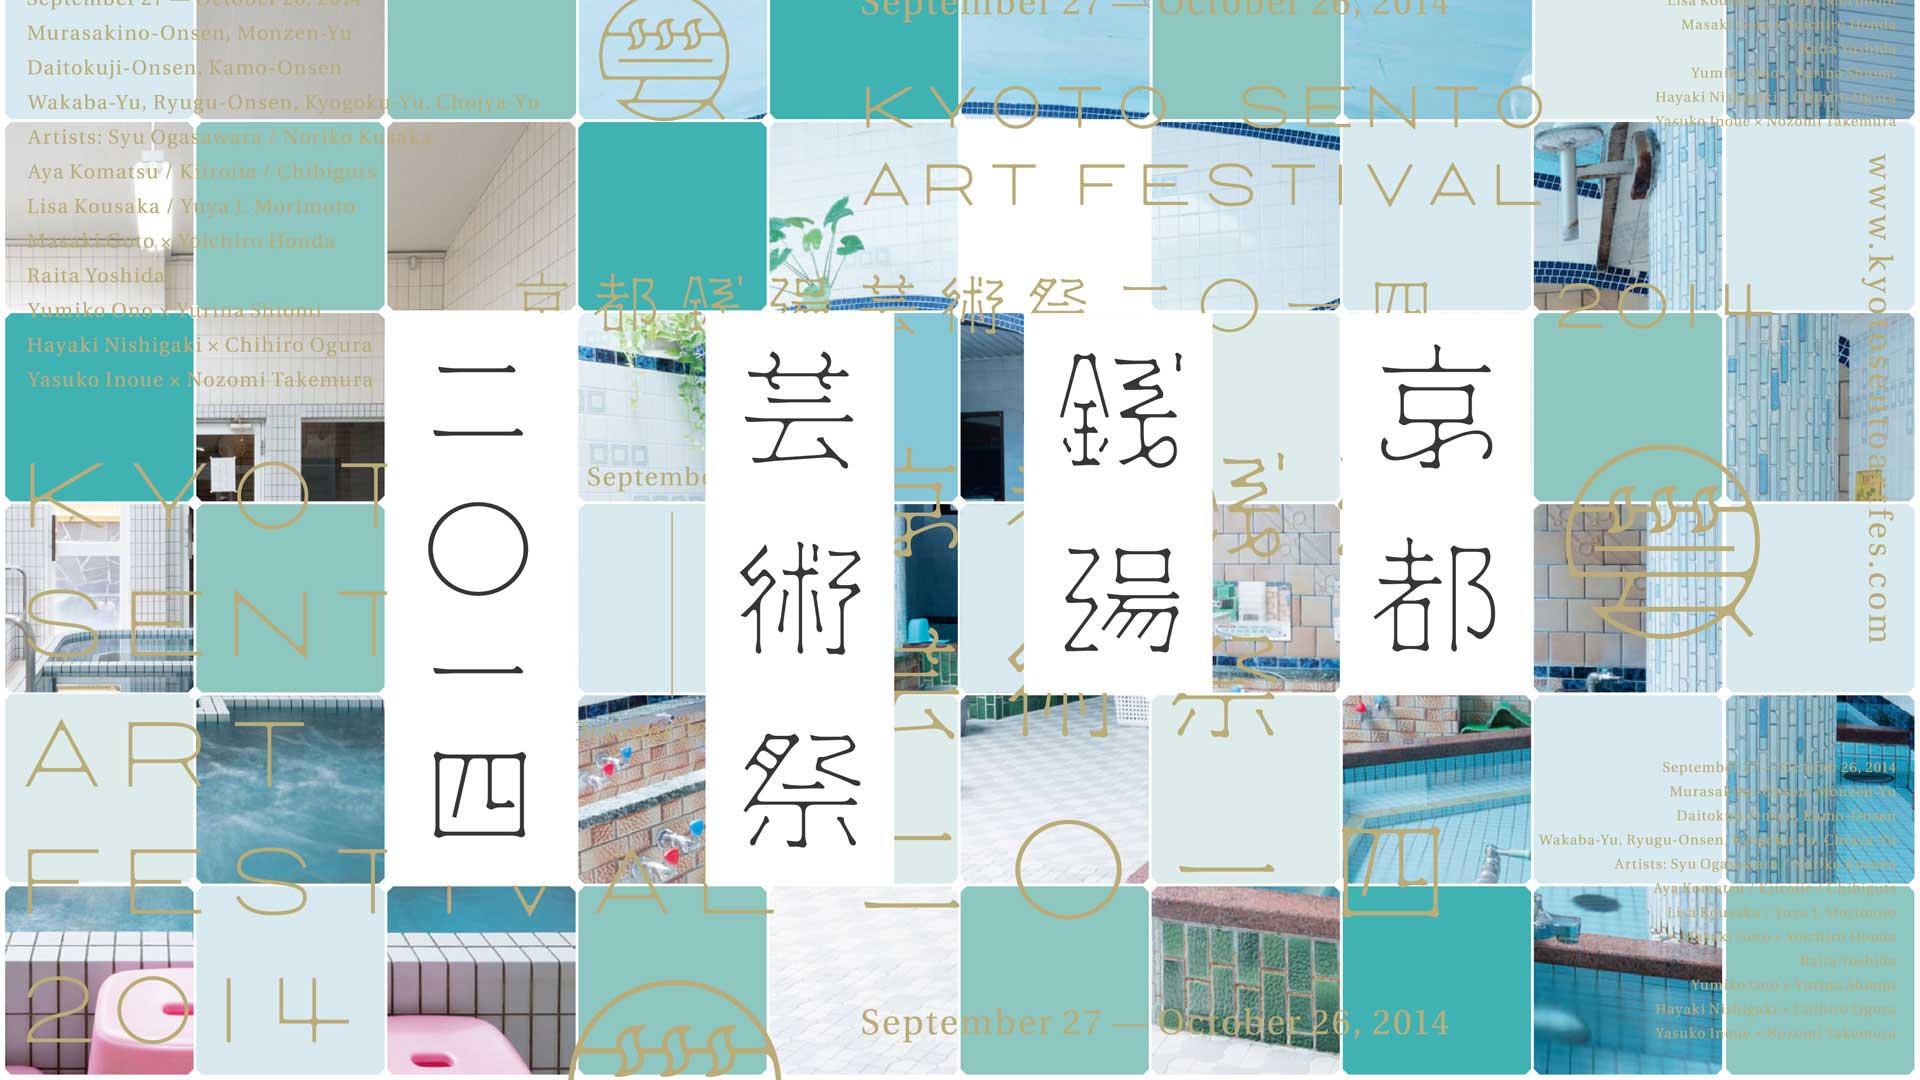 京都銭湯芸術祭2014 | Kyoto Sento Art Festival 2014